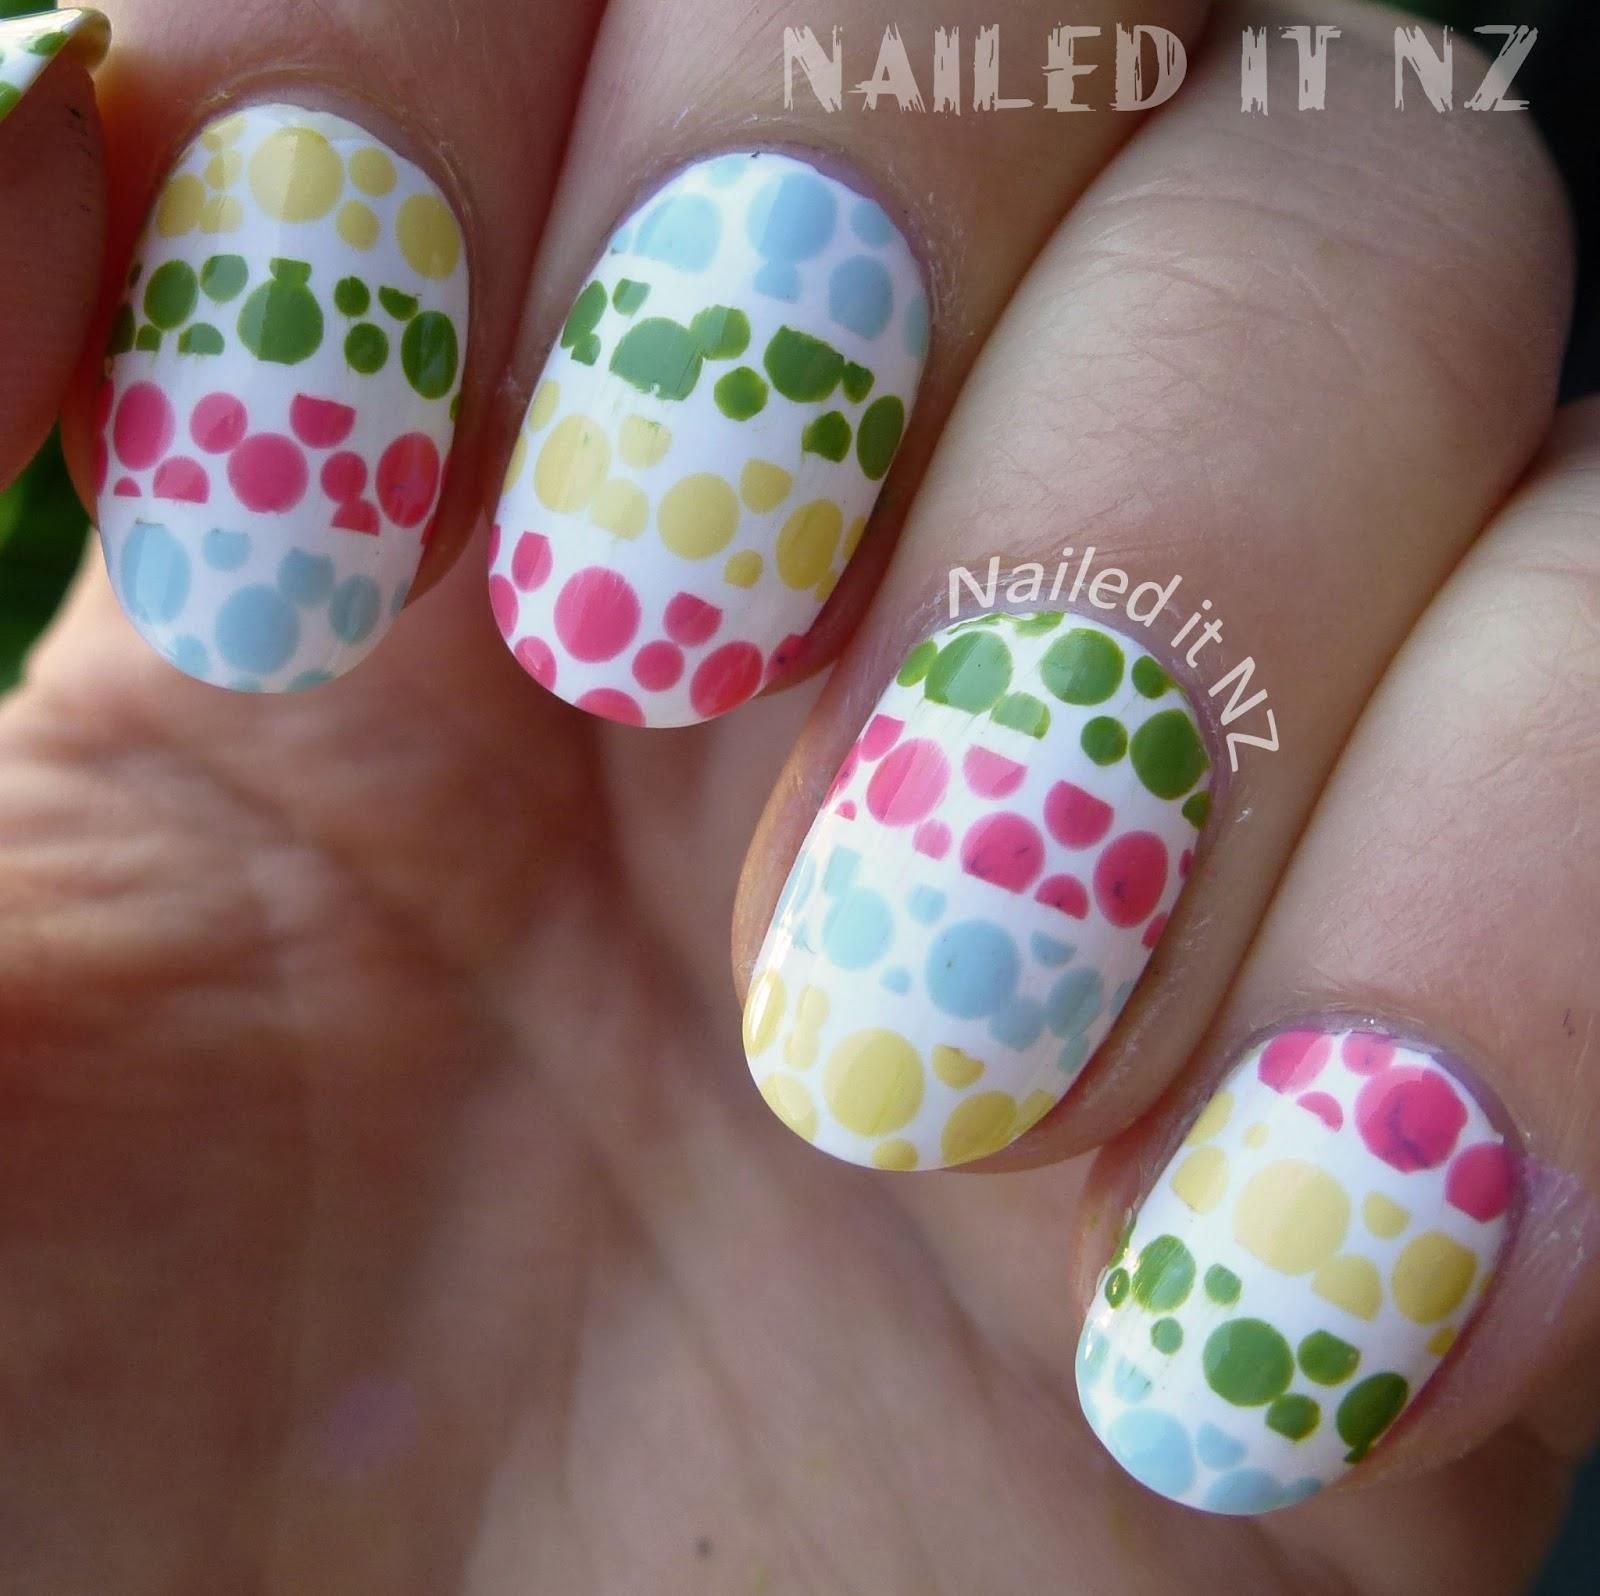 Polka Dot Nail Art: Polka Dot Stripes Nail Art Inspired By PackAPunchPolish